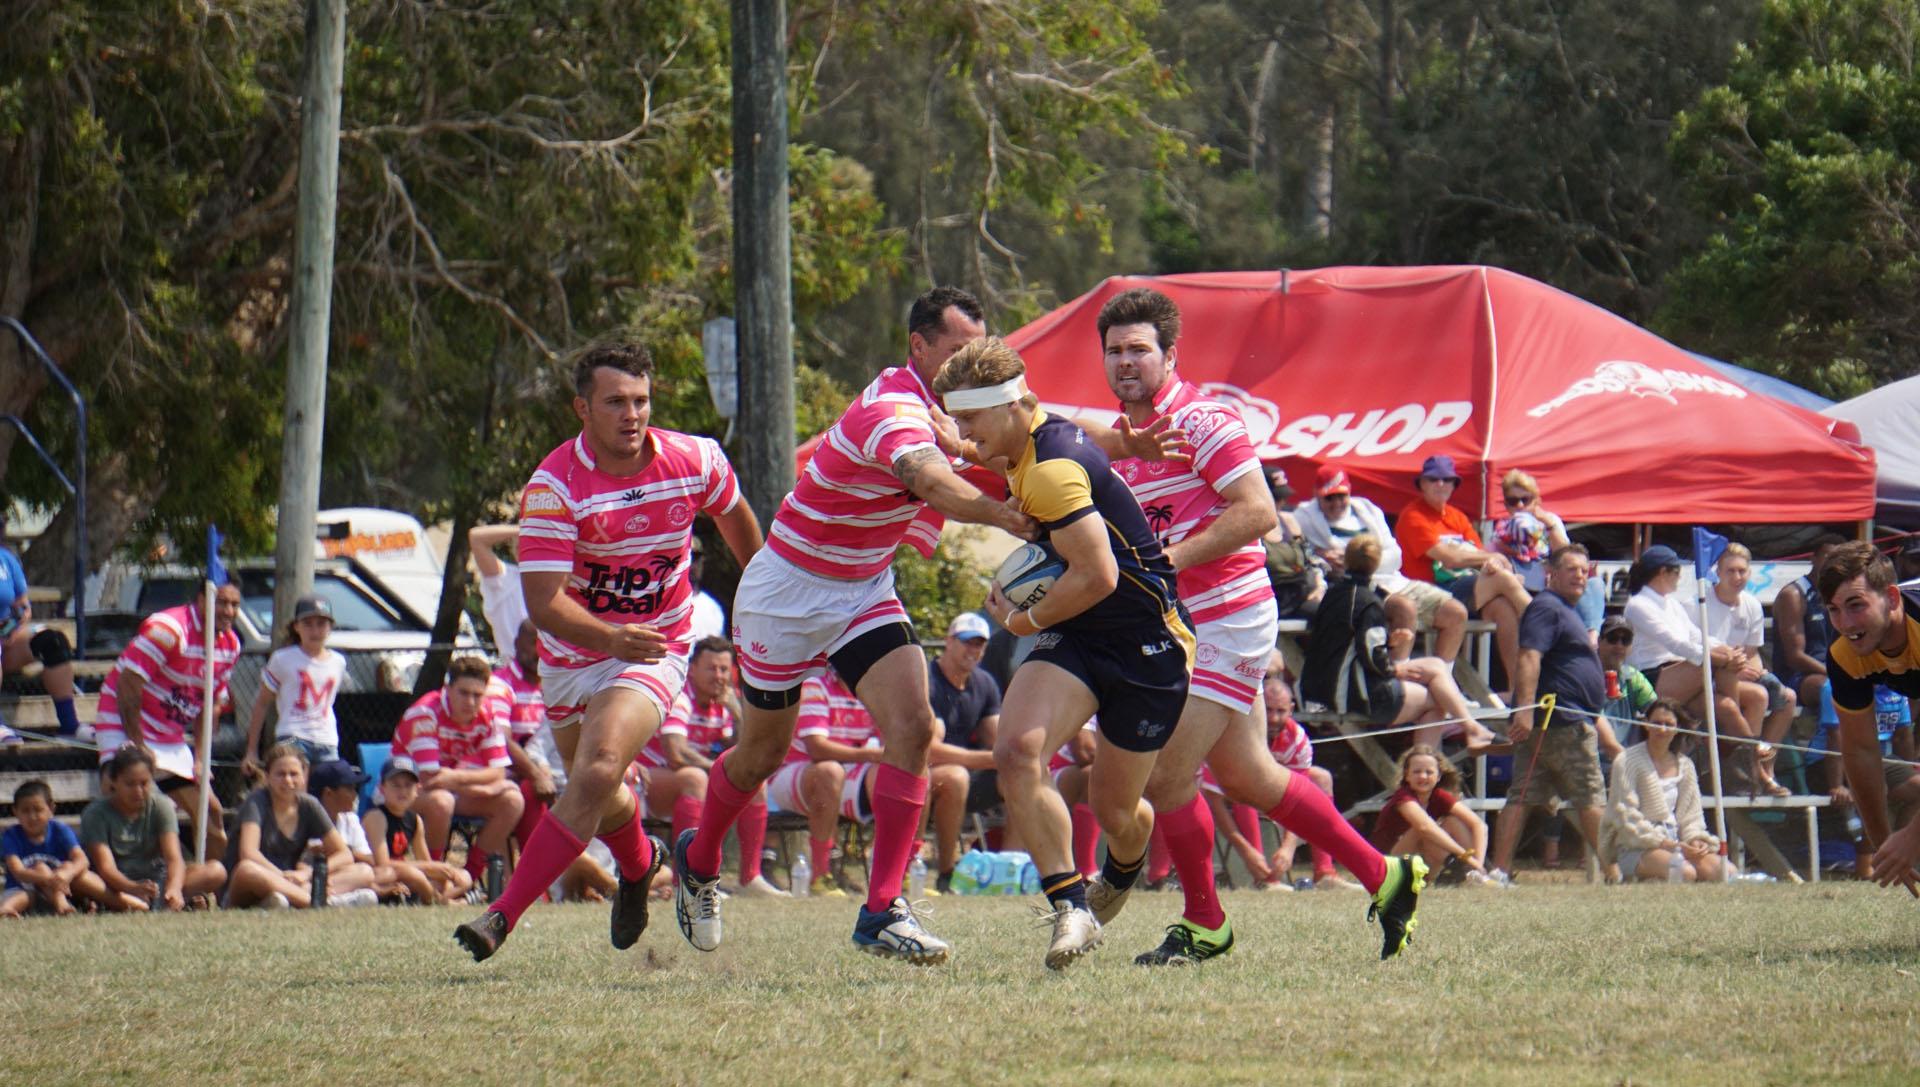 191019-20_Byron Bay Rugby 7s 2019_130